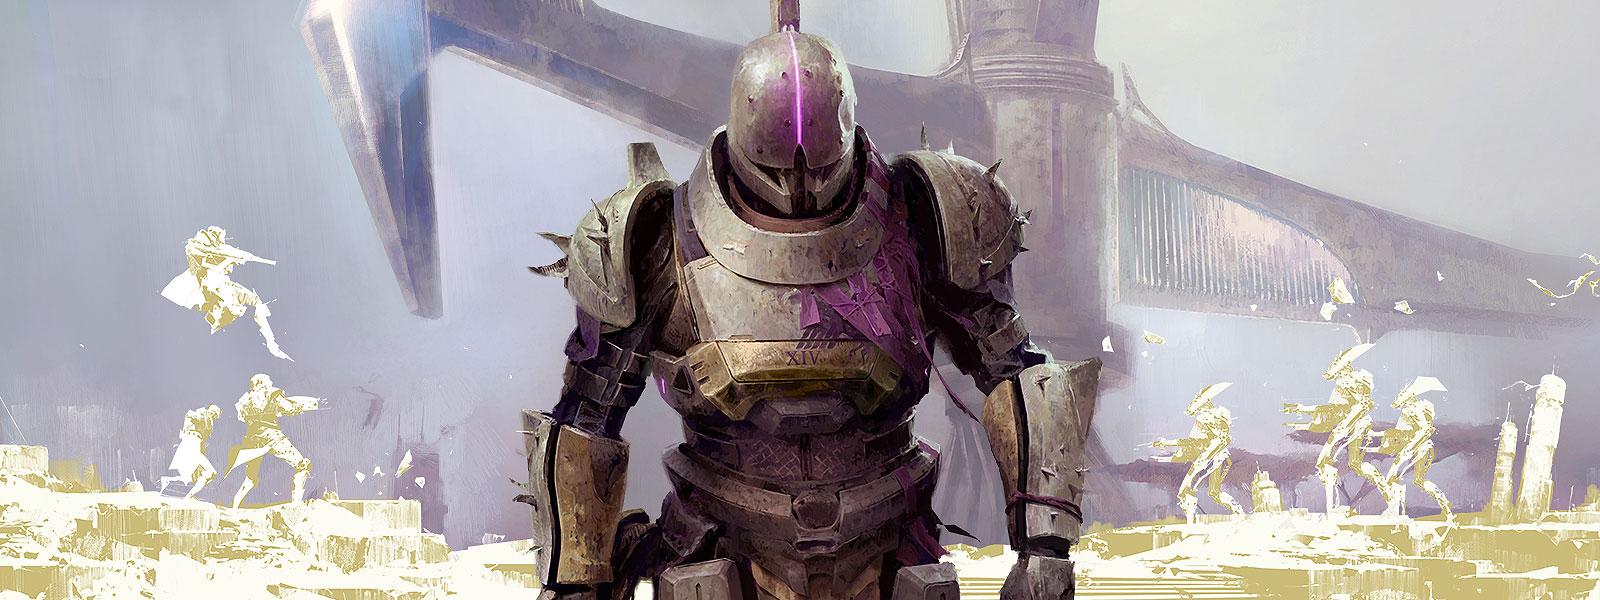 Personnage portant une armure complète, entouré des silhouettes d'autres personnages qui se battent, avec une grande structure à l'arrière-plan.